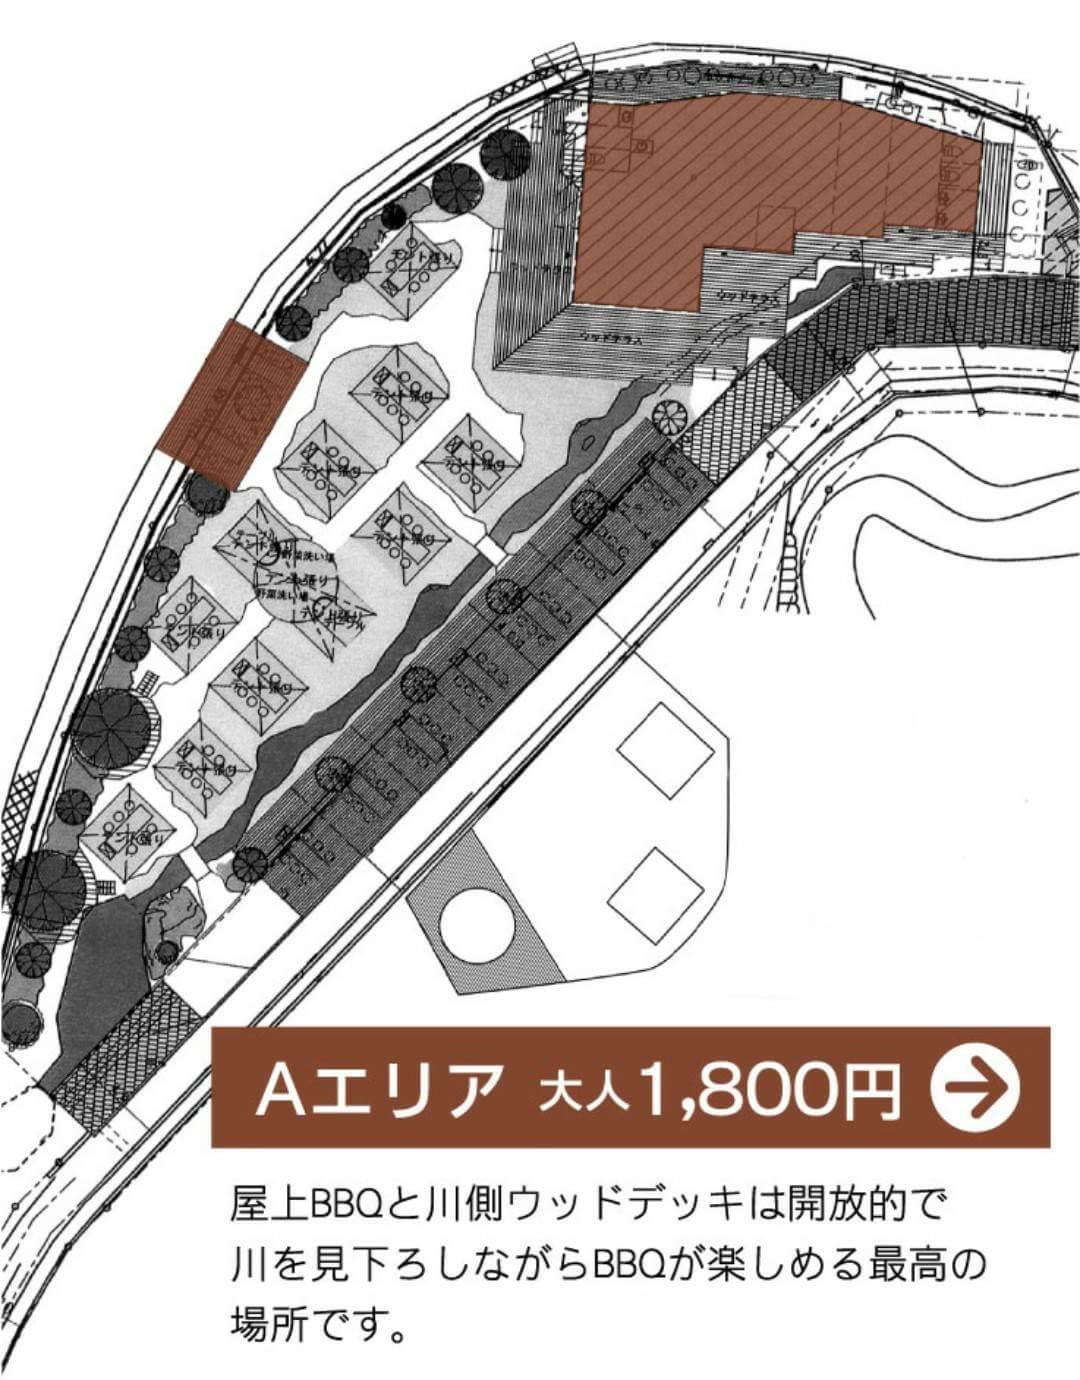 三好の里BBQガーデン10